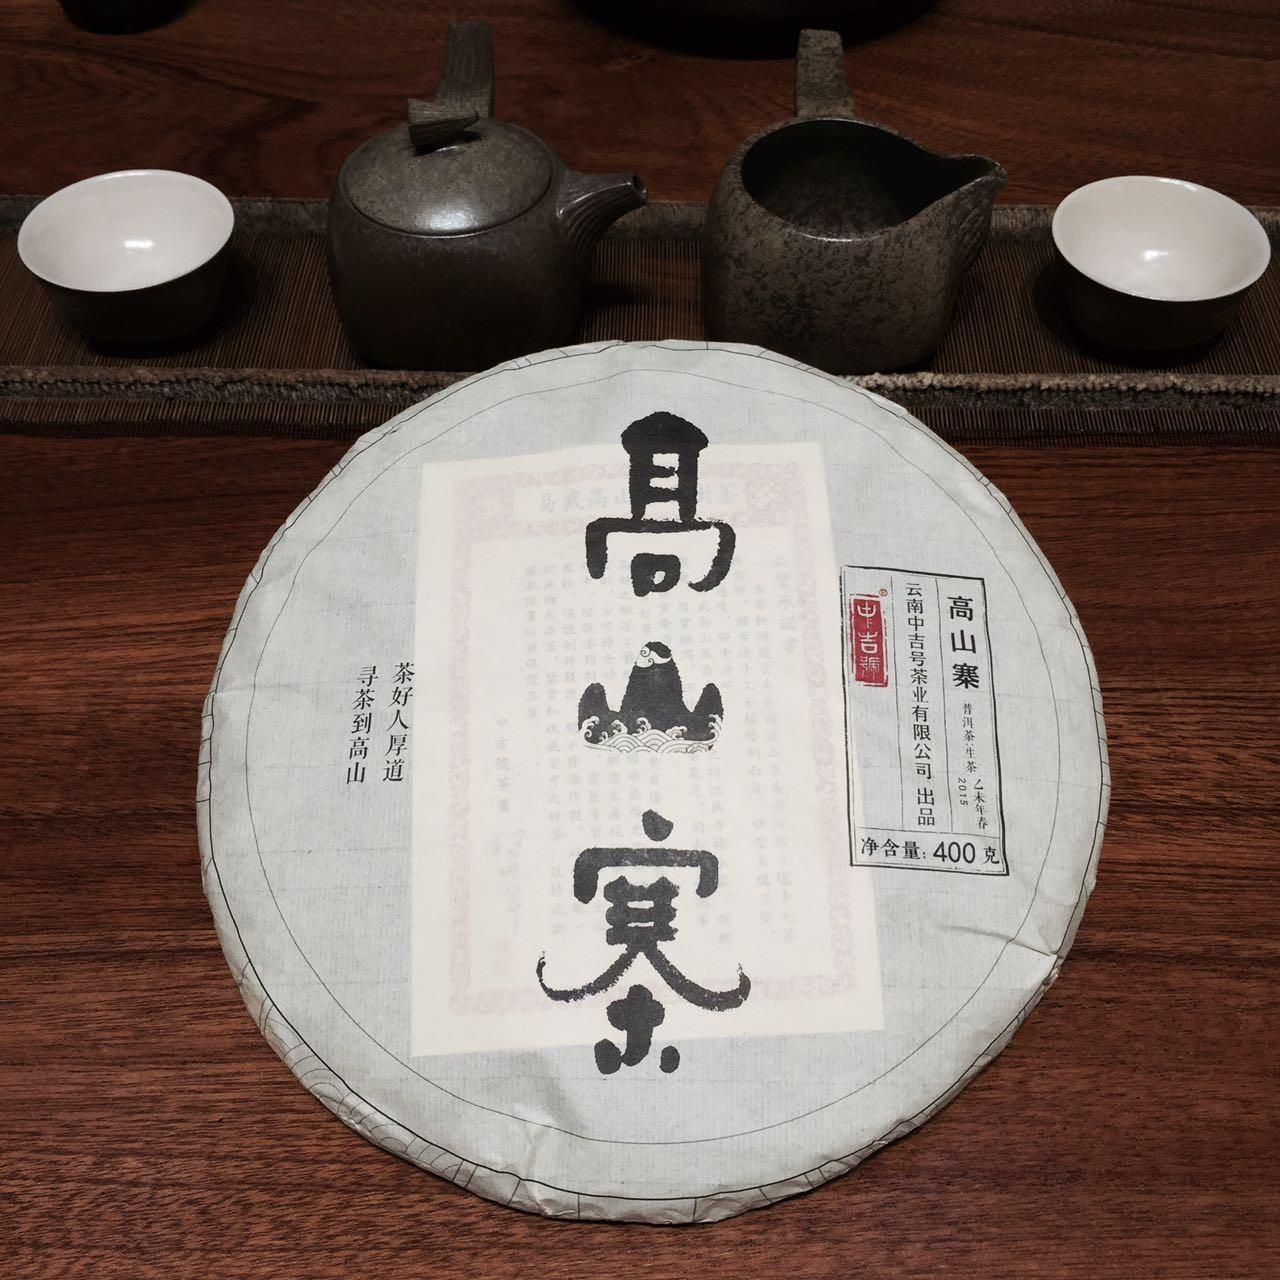 中吉号古树茶 - 高山寨古树茶2015